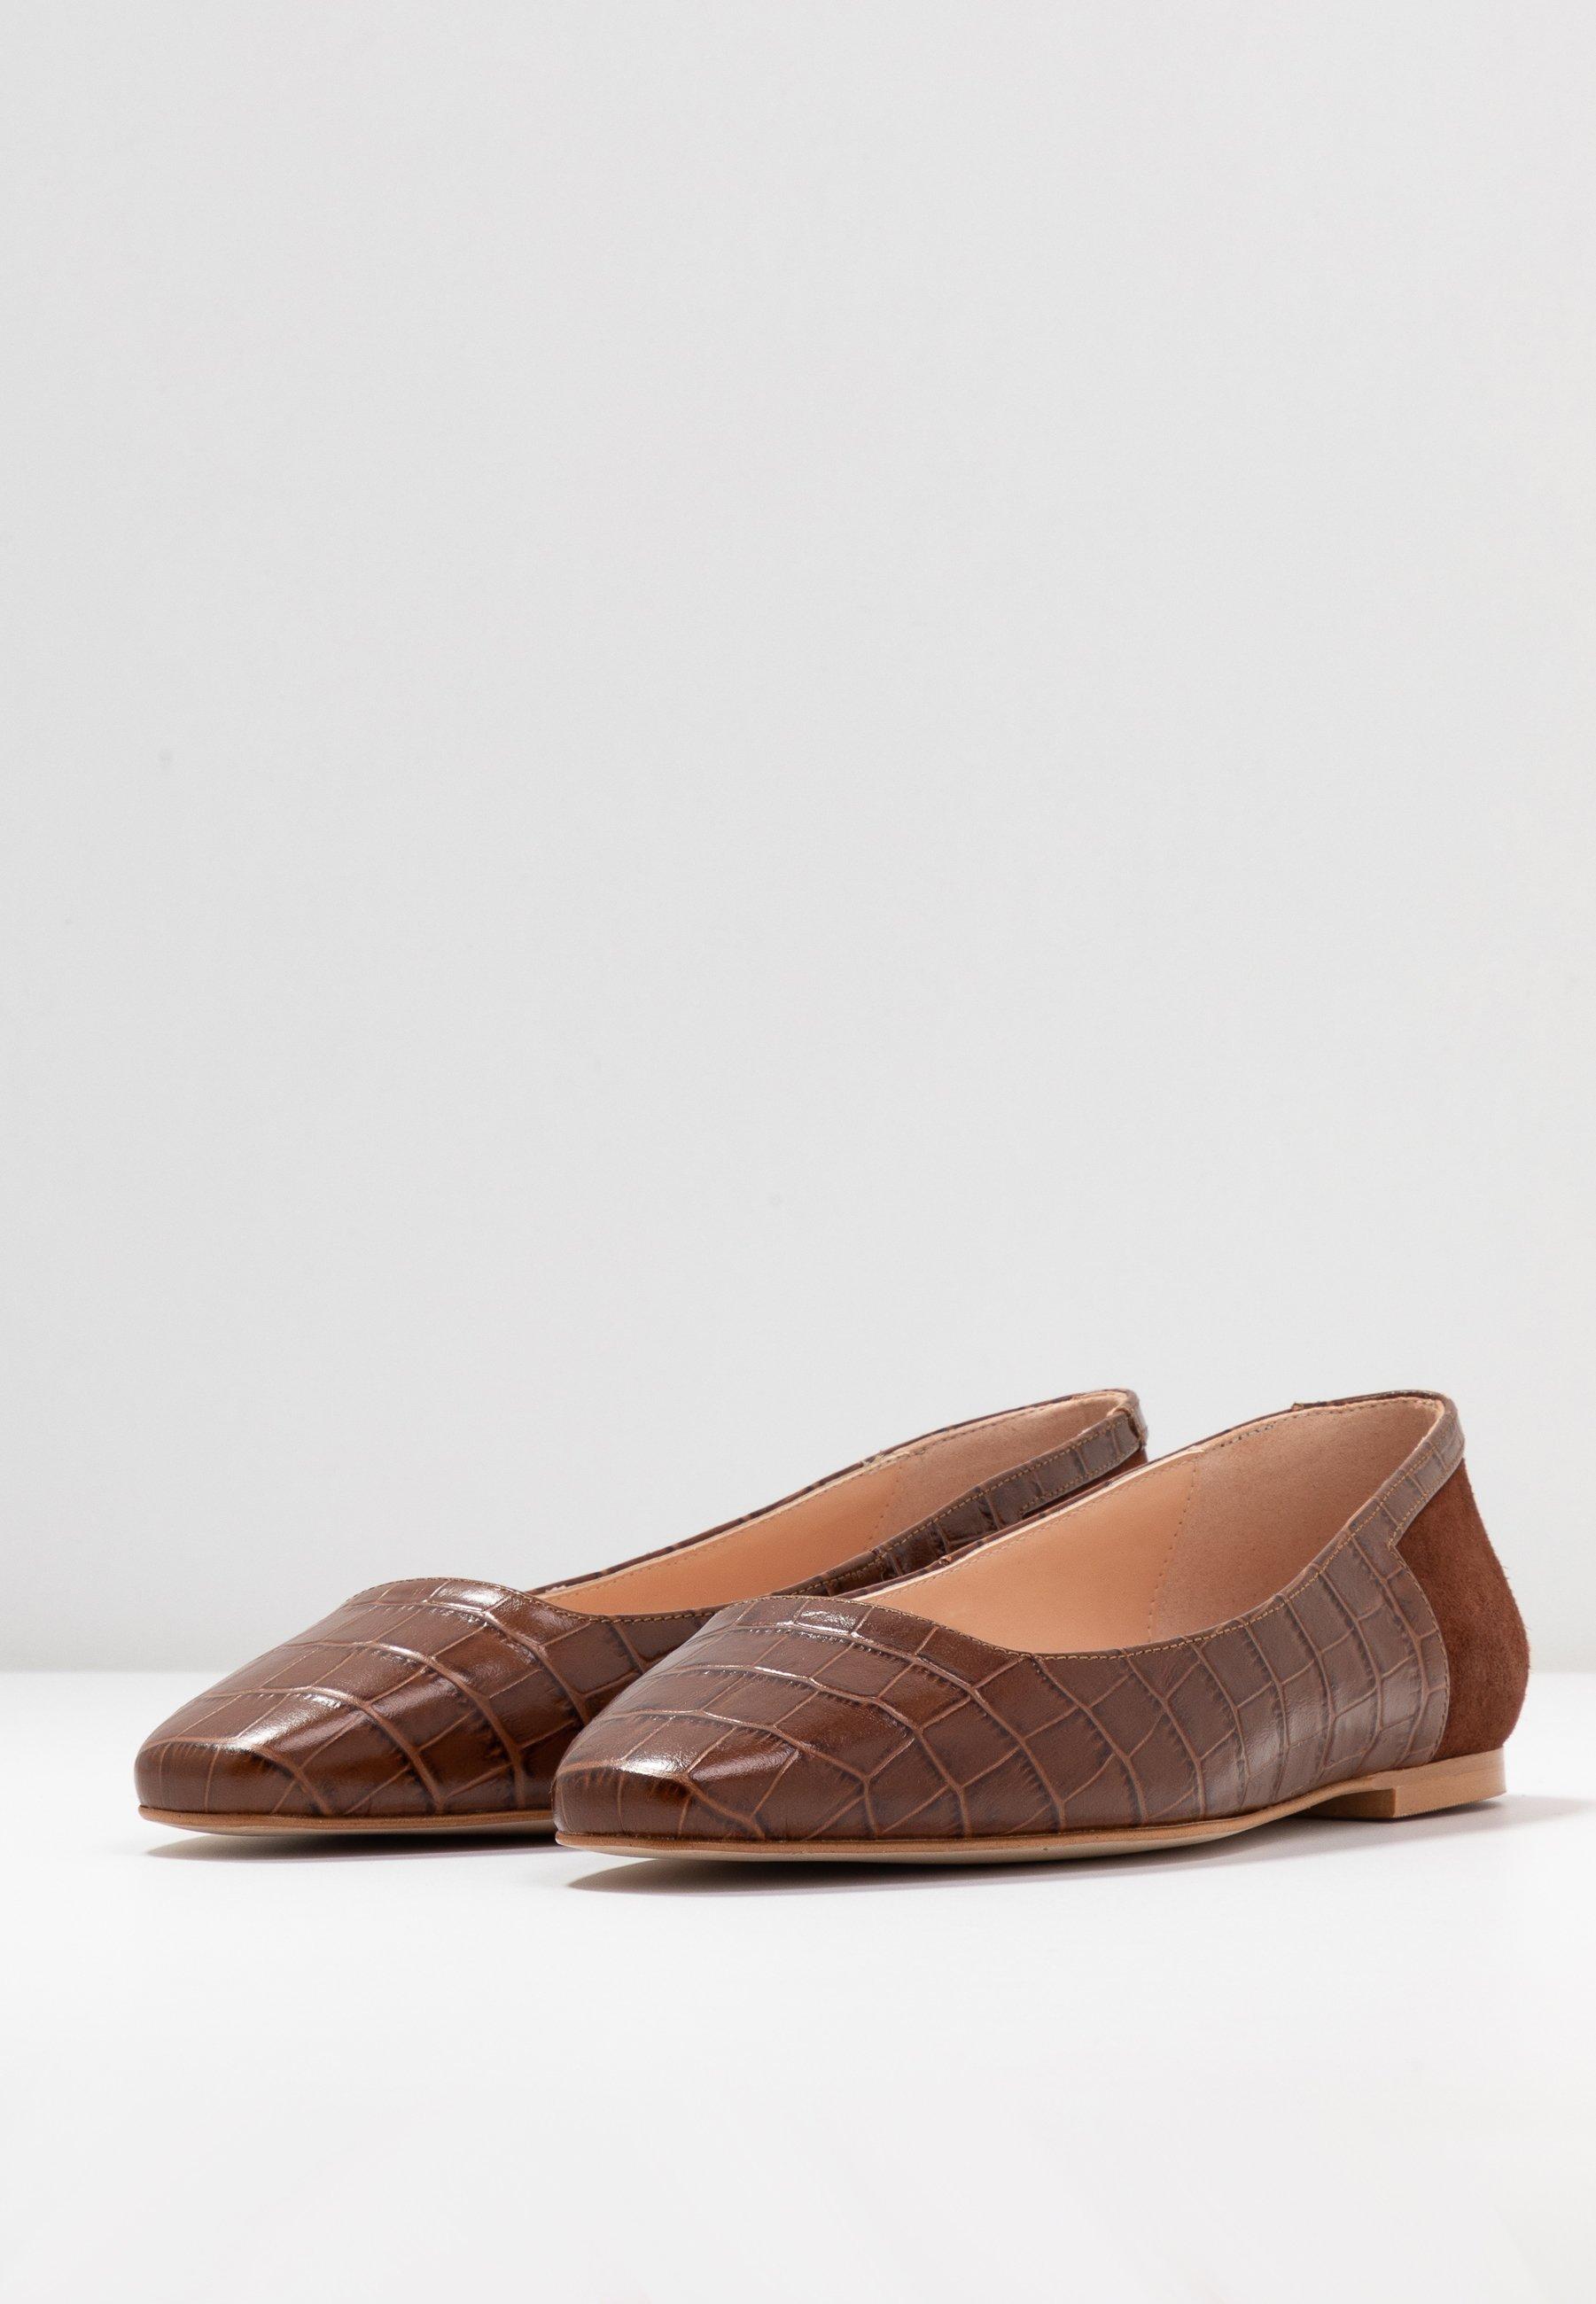 Zign Ballerina's - Brown Goedkope Schoenen